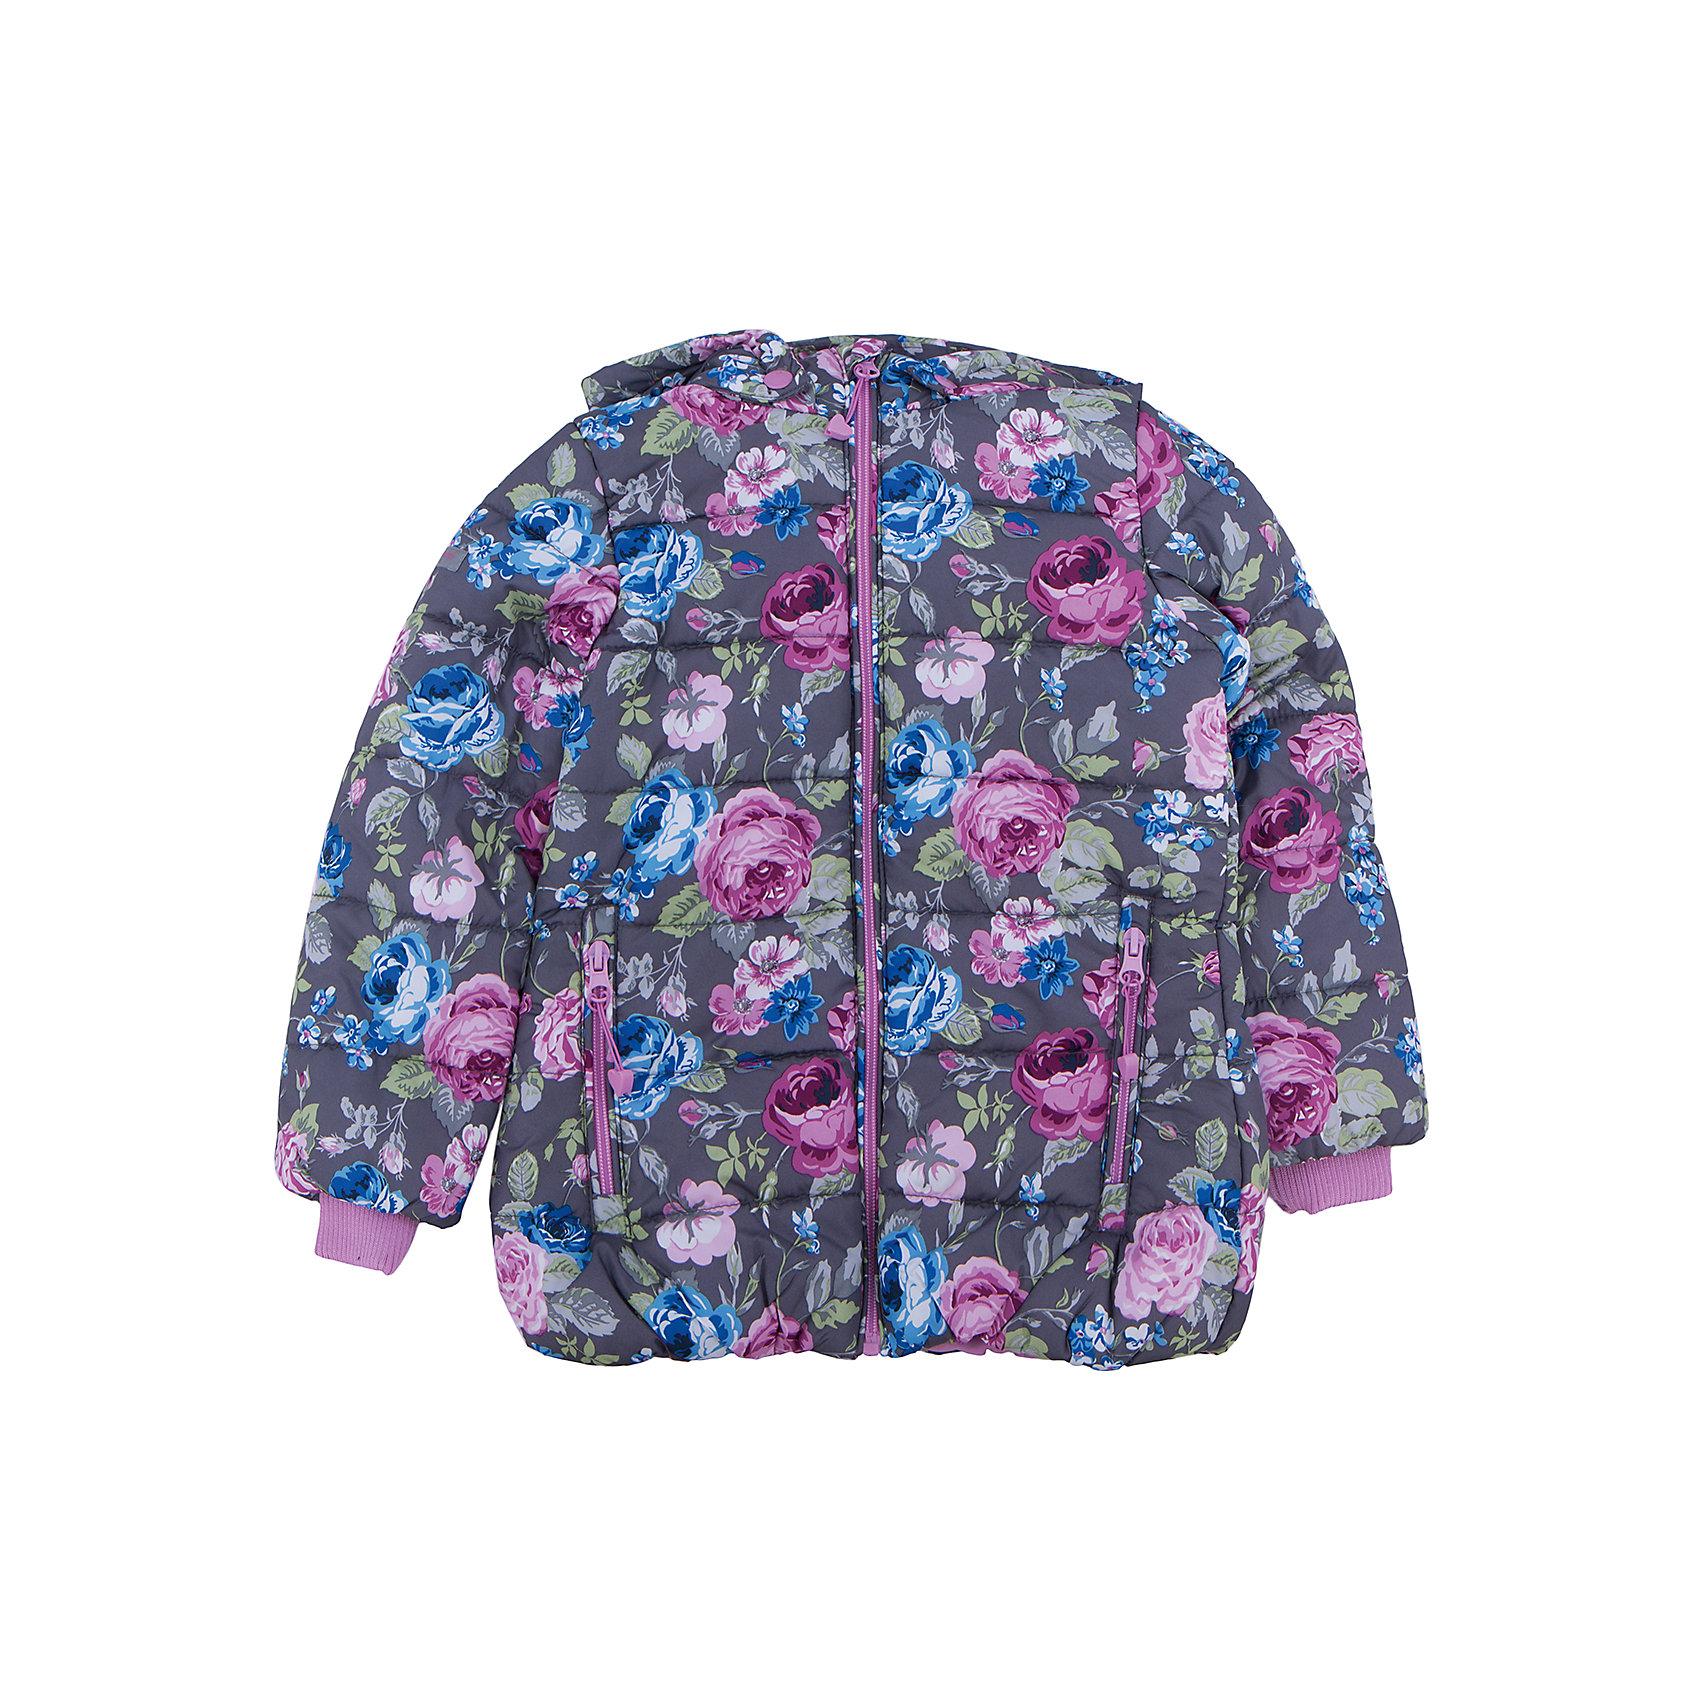 Куртка для девочки PlayTodayЗимние куртки<br>Куртка для девочки от известного бренда PlayToday.<br>Стильная куртка с капюшоном и стежкой. Украшена нежным цветочным принтом. Застегивается на молнию с защитой подбородка и фигурным пуллером. Капюшон отстегивается и удобно утягивается стопперами. На воротнике и рукавах мягкие трикотажные манжеты. Благодаря внутренней резинке на поясе достигается максимально удобная посадка по фигуре ребенка и усиливаются теплозащитные свойства. По бокам два кармана на молнии.<br>Состав:<br>Верх: 100% полиэстер, Подкладка: 100% полиэстер, Наполнитель: 100% полиэстер, 250 г/м2<br><br>Ширина мм: 356<br>Глубина мм: 10<br>Высота мм: 245<br>Вес г: 519<br>Цвет: разноцветный<br>Возраст от месяцев: 36<br>Возраст до месяцев: 48<br>Пол: Женский<br>Возраст: Детский<br>Размер: 110,98,104,122,128,116<br>SKU: 4896931